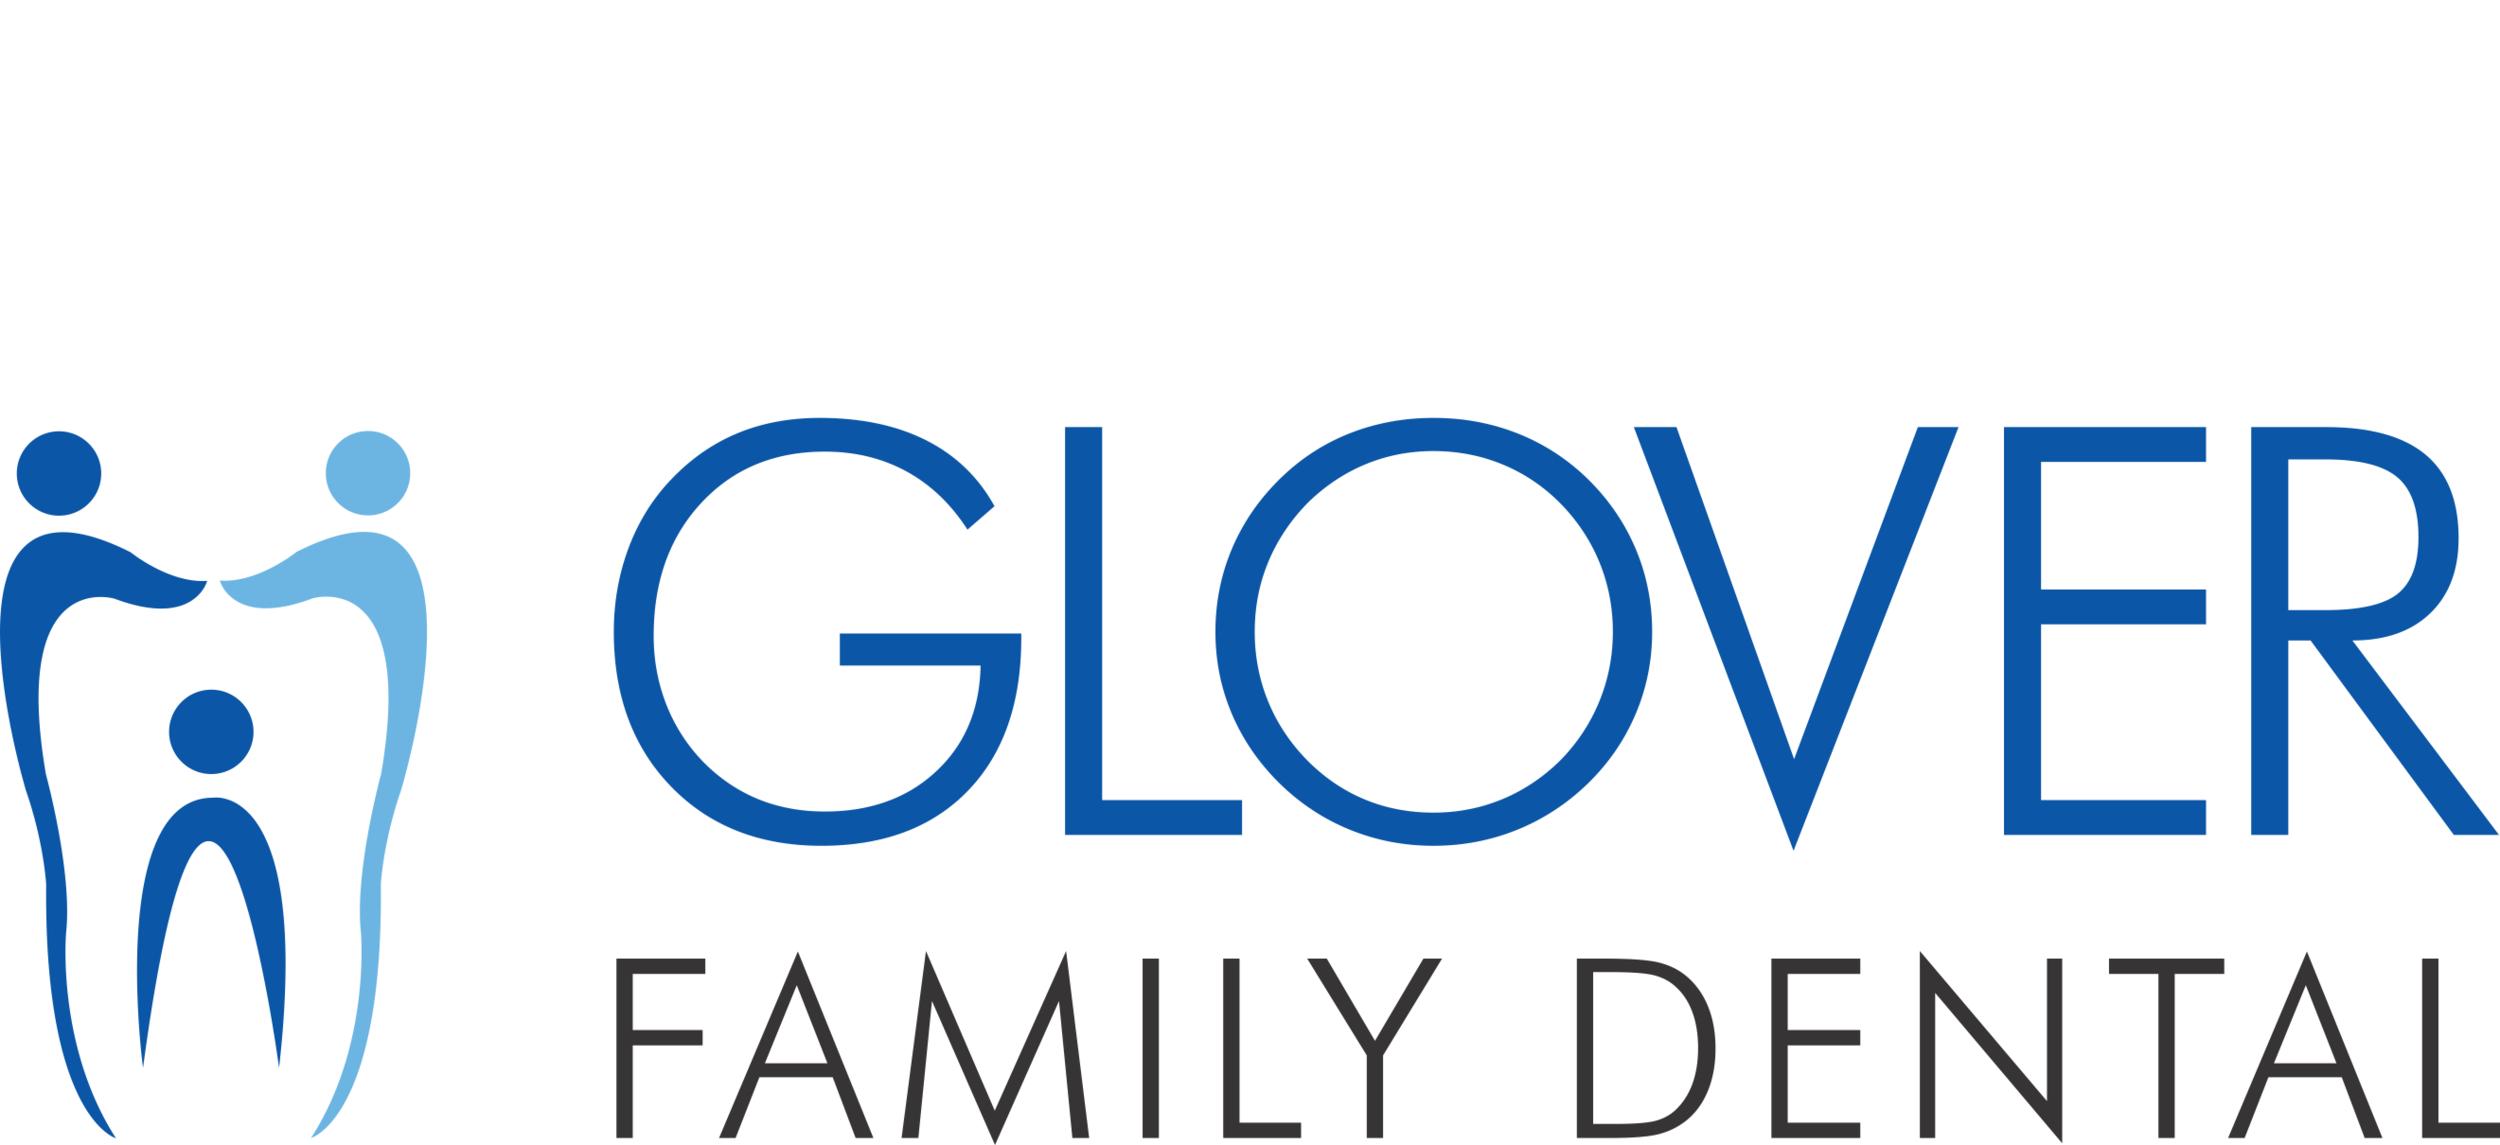 zGlover Logo_HORZ_2_outlines.png